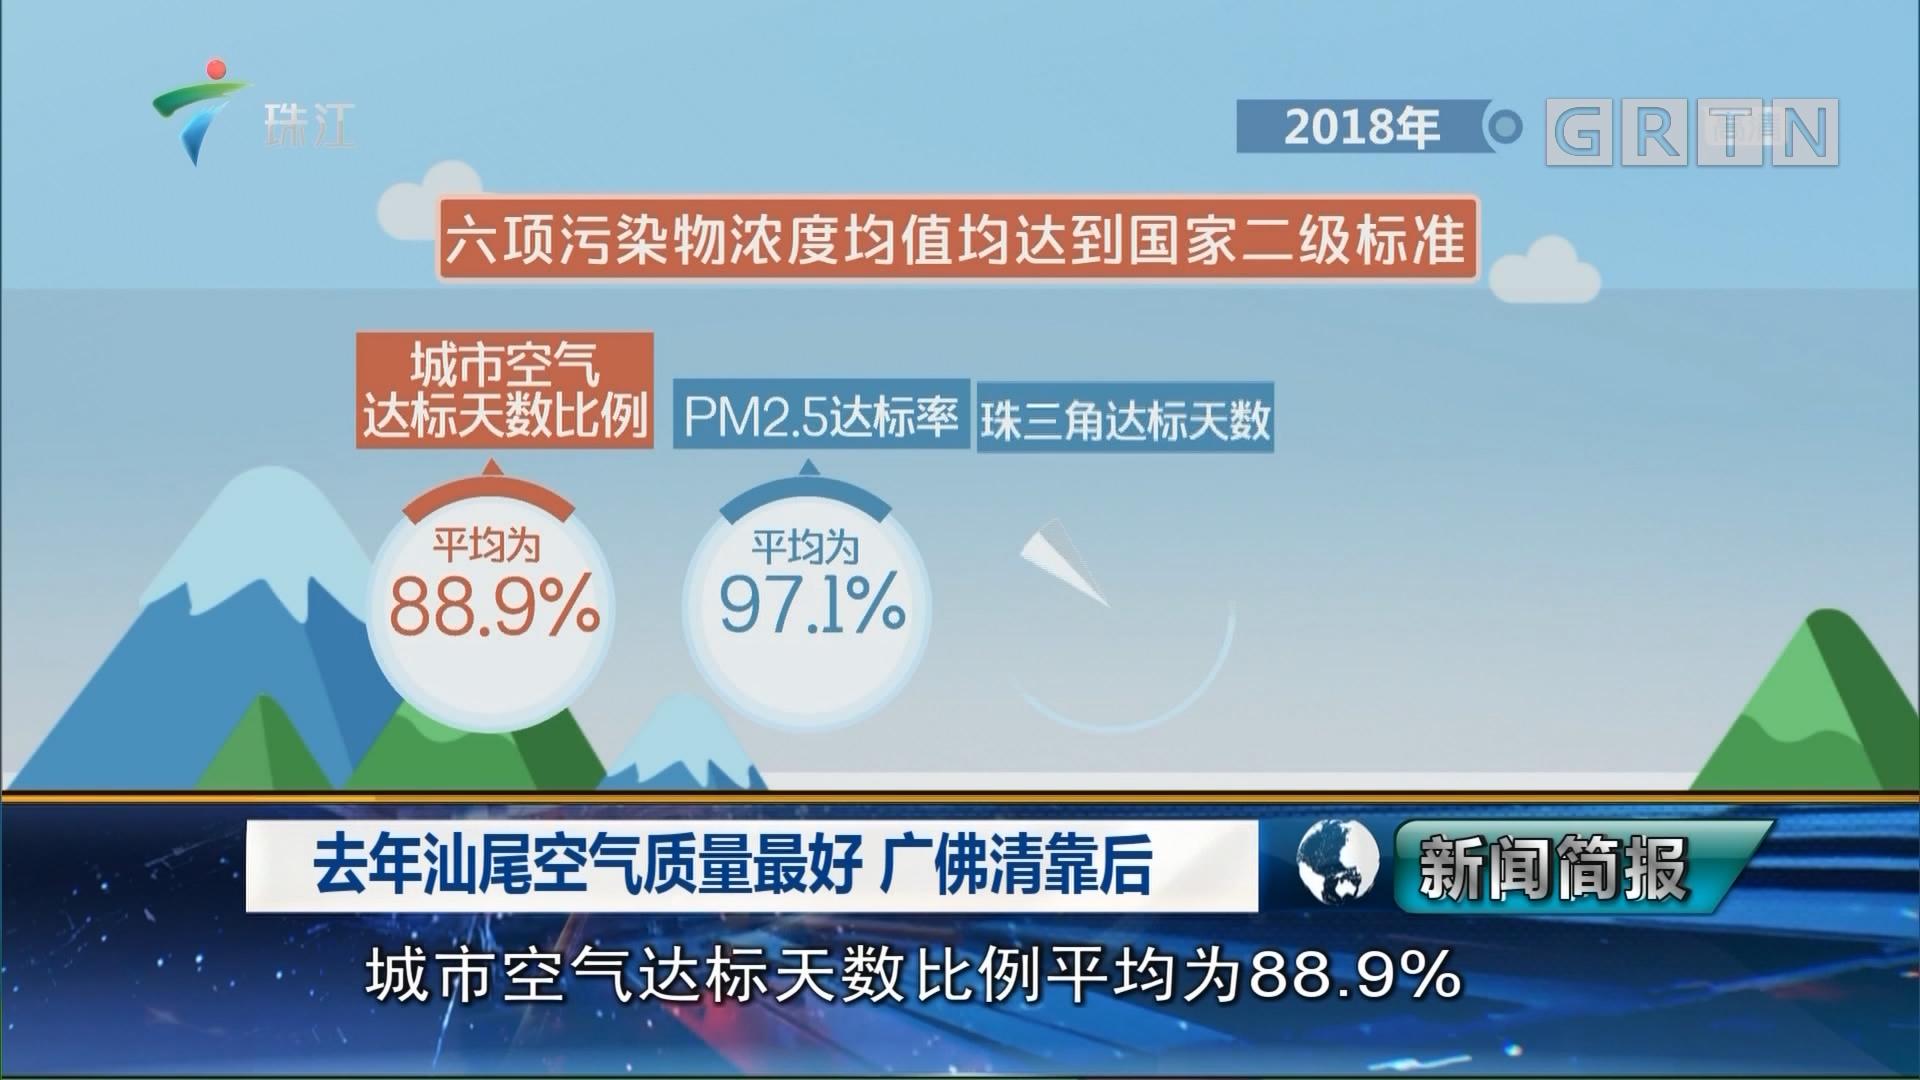 去年汕尾空气质量最好 广佛清靠后